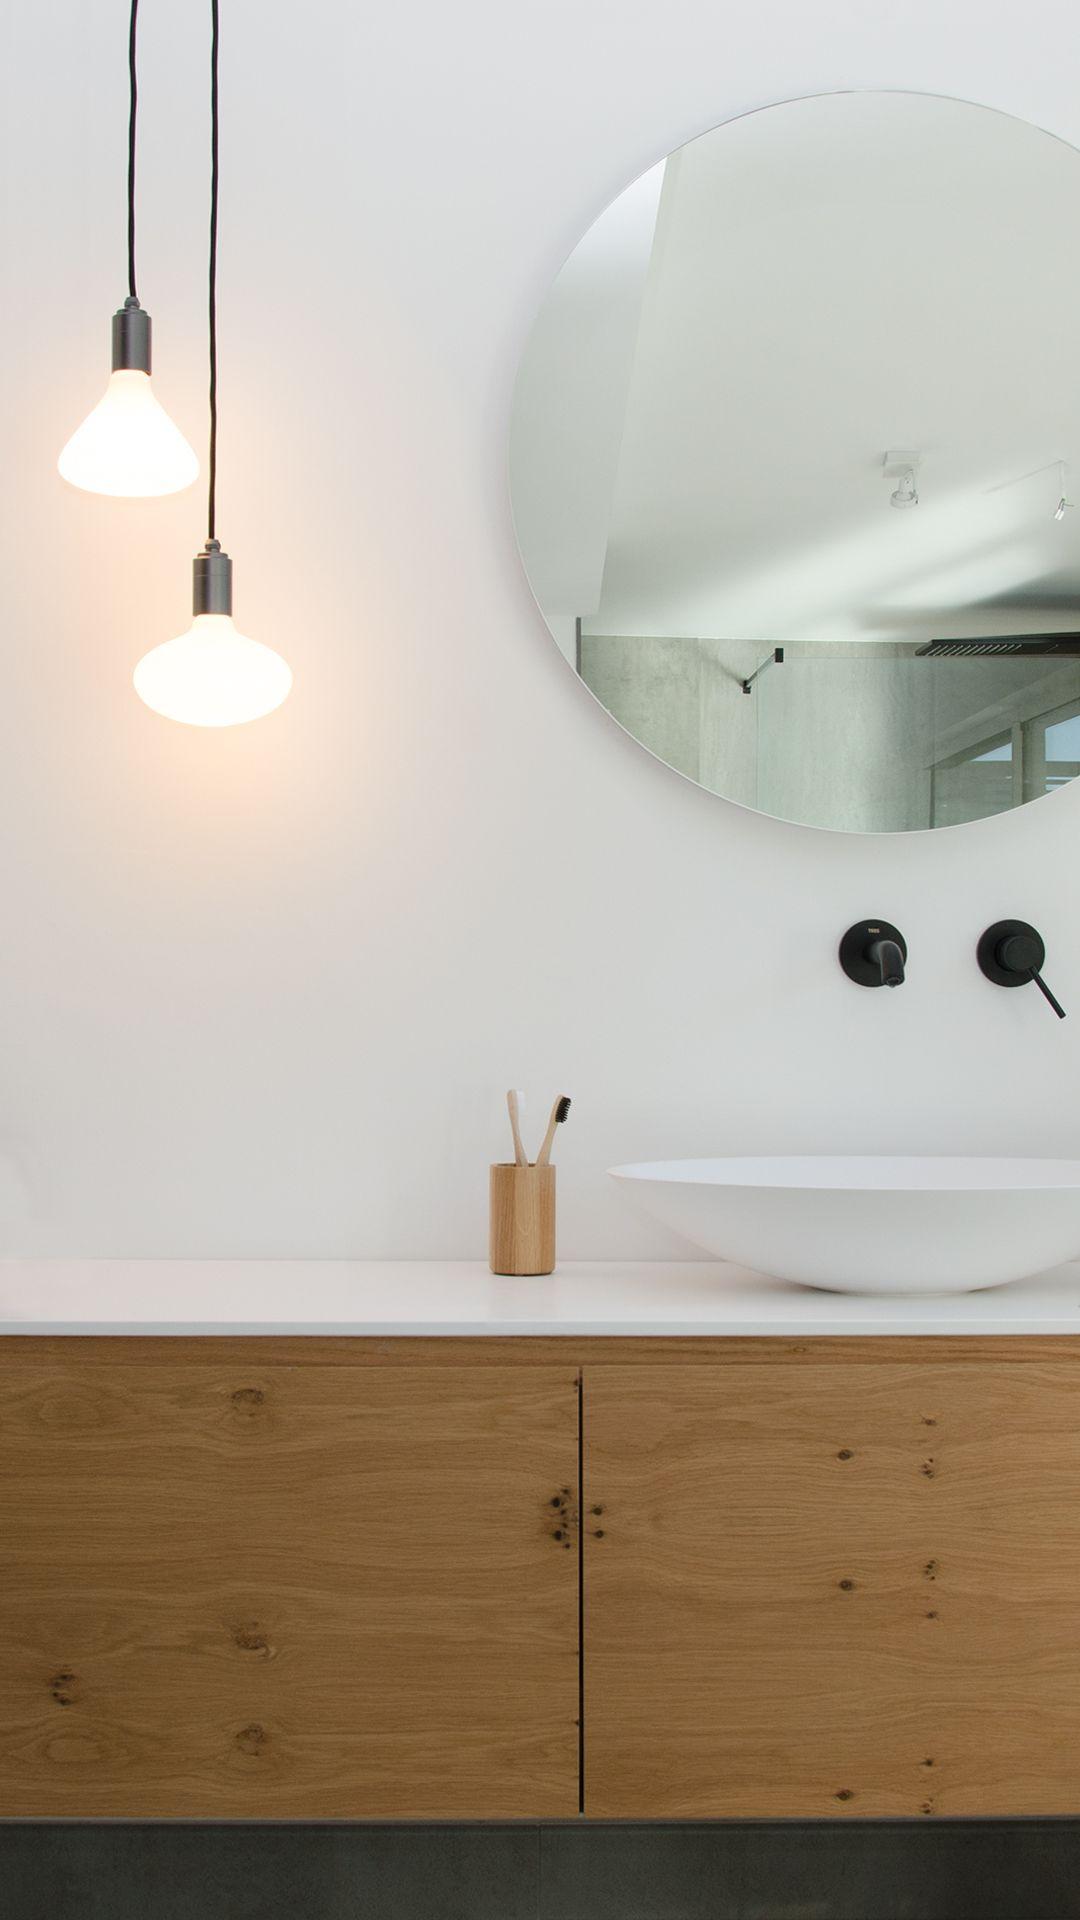 Porcelain Range in 2020 Bathroom pendant lighting